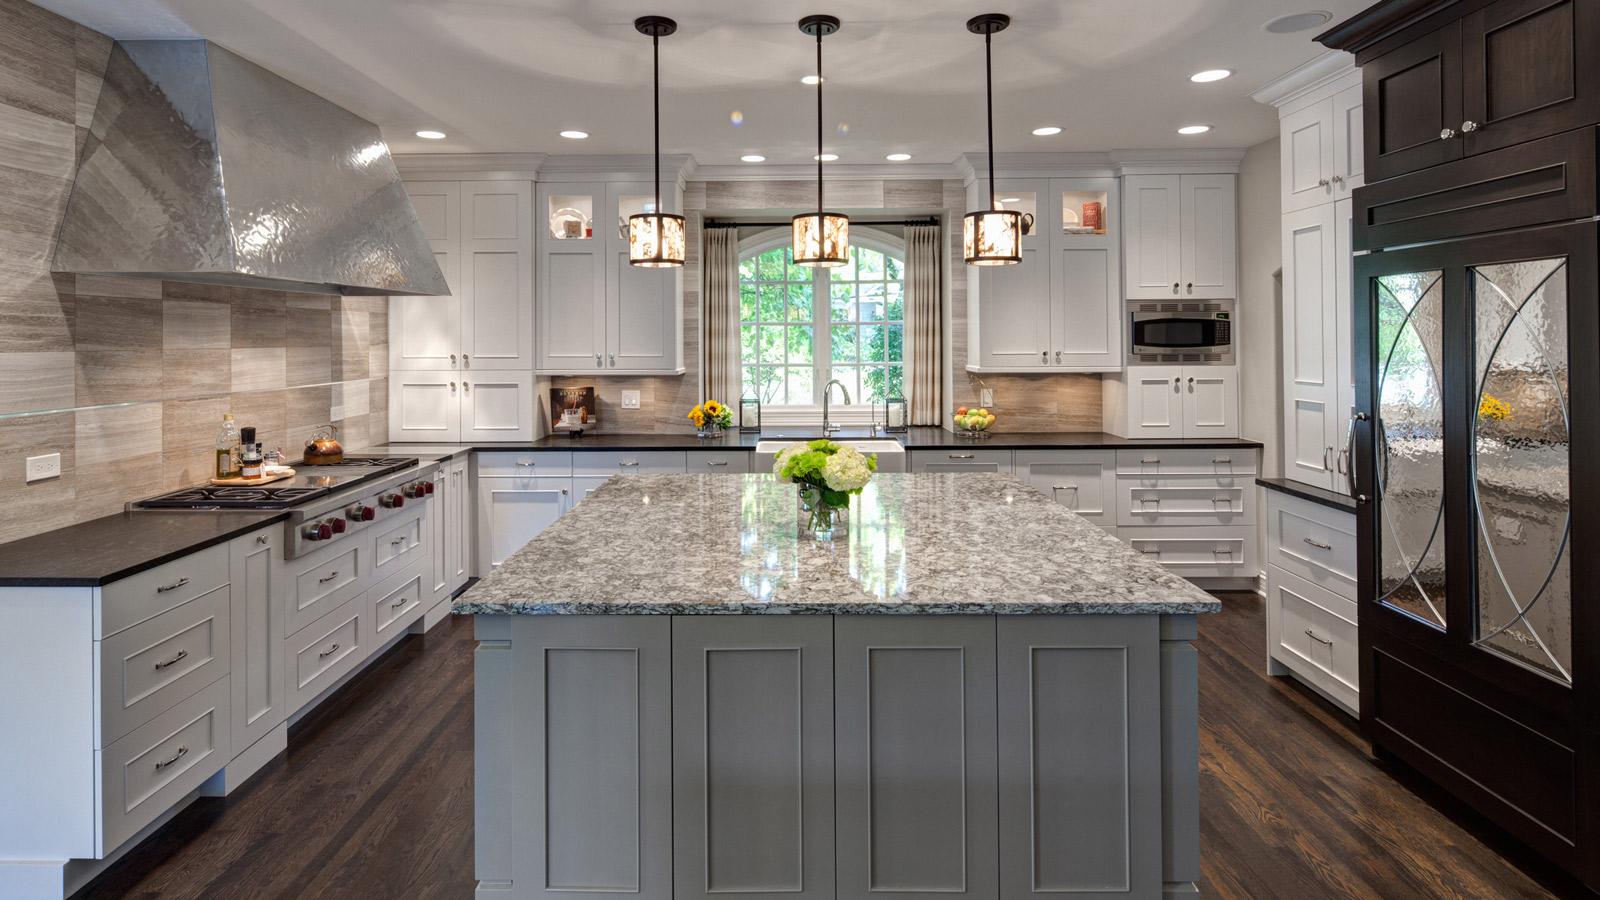 بررسی 17 ترکیب رنگ مدرن برای دکوراسیون آشپزخانه